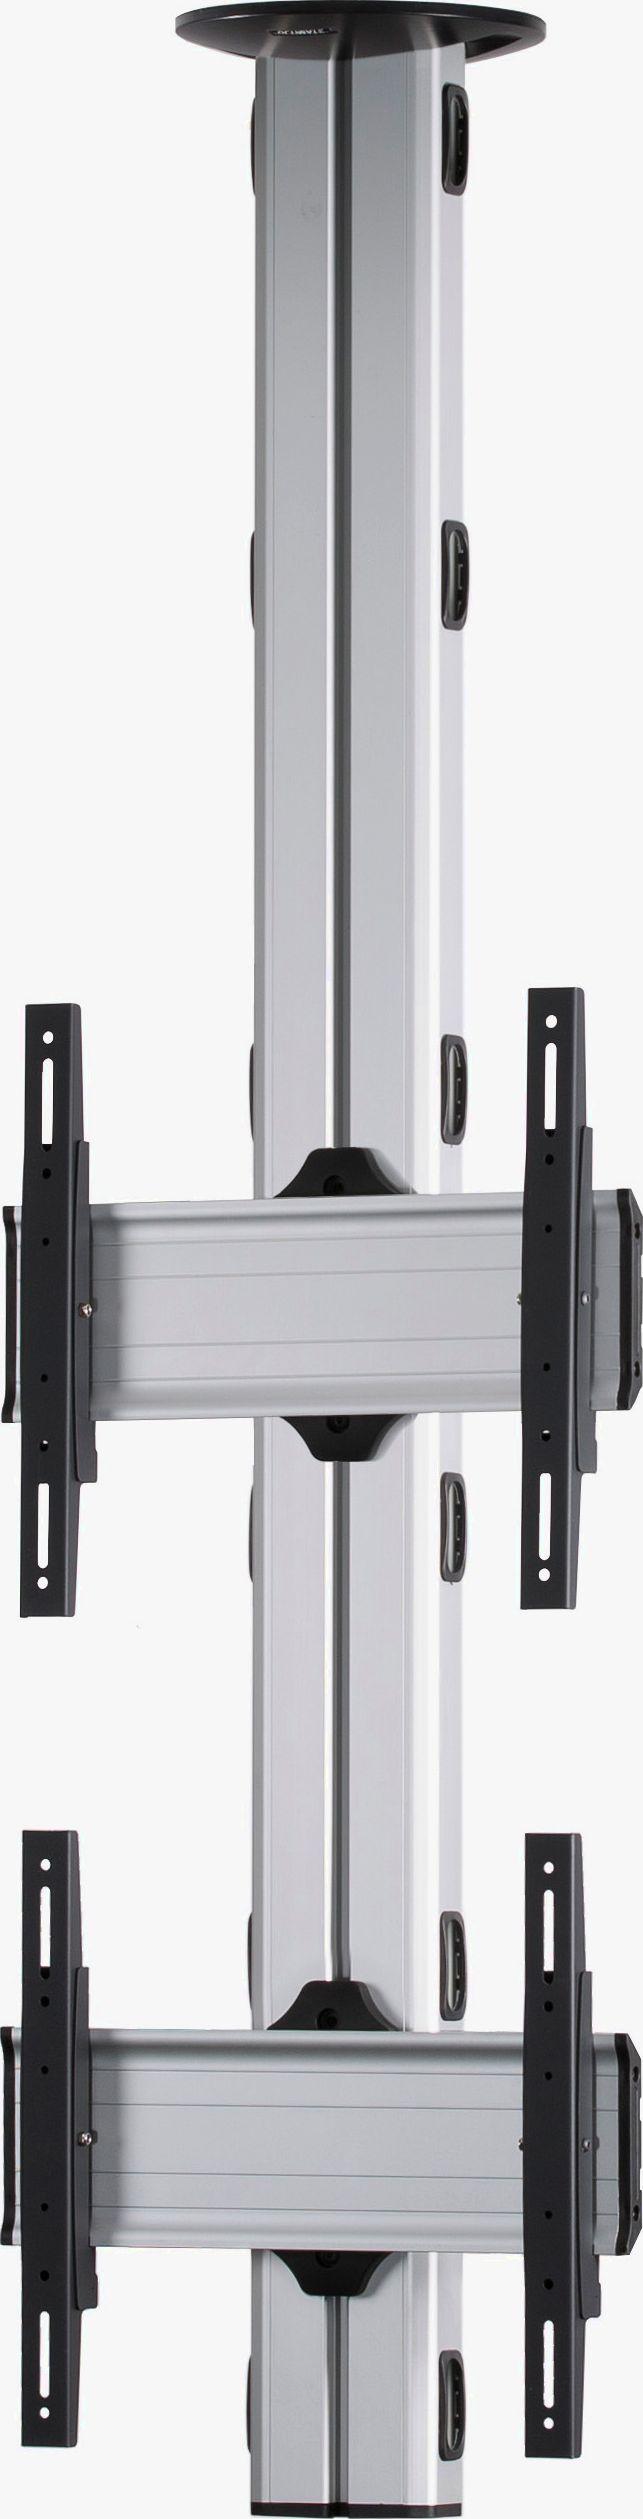 2 Displays 2x1, Standard-VESA, zur Deckenbefestigung